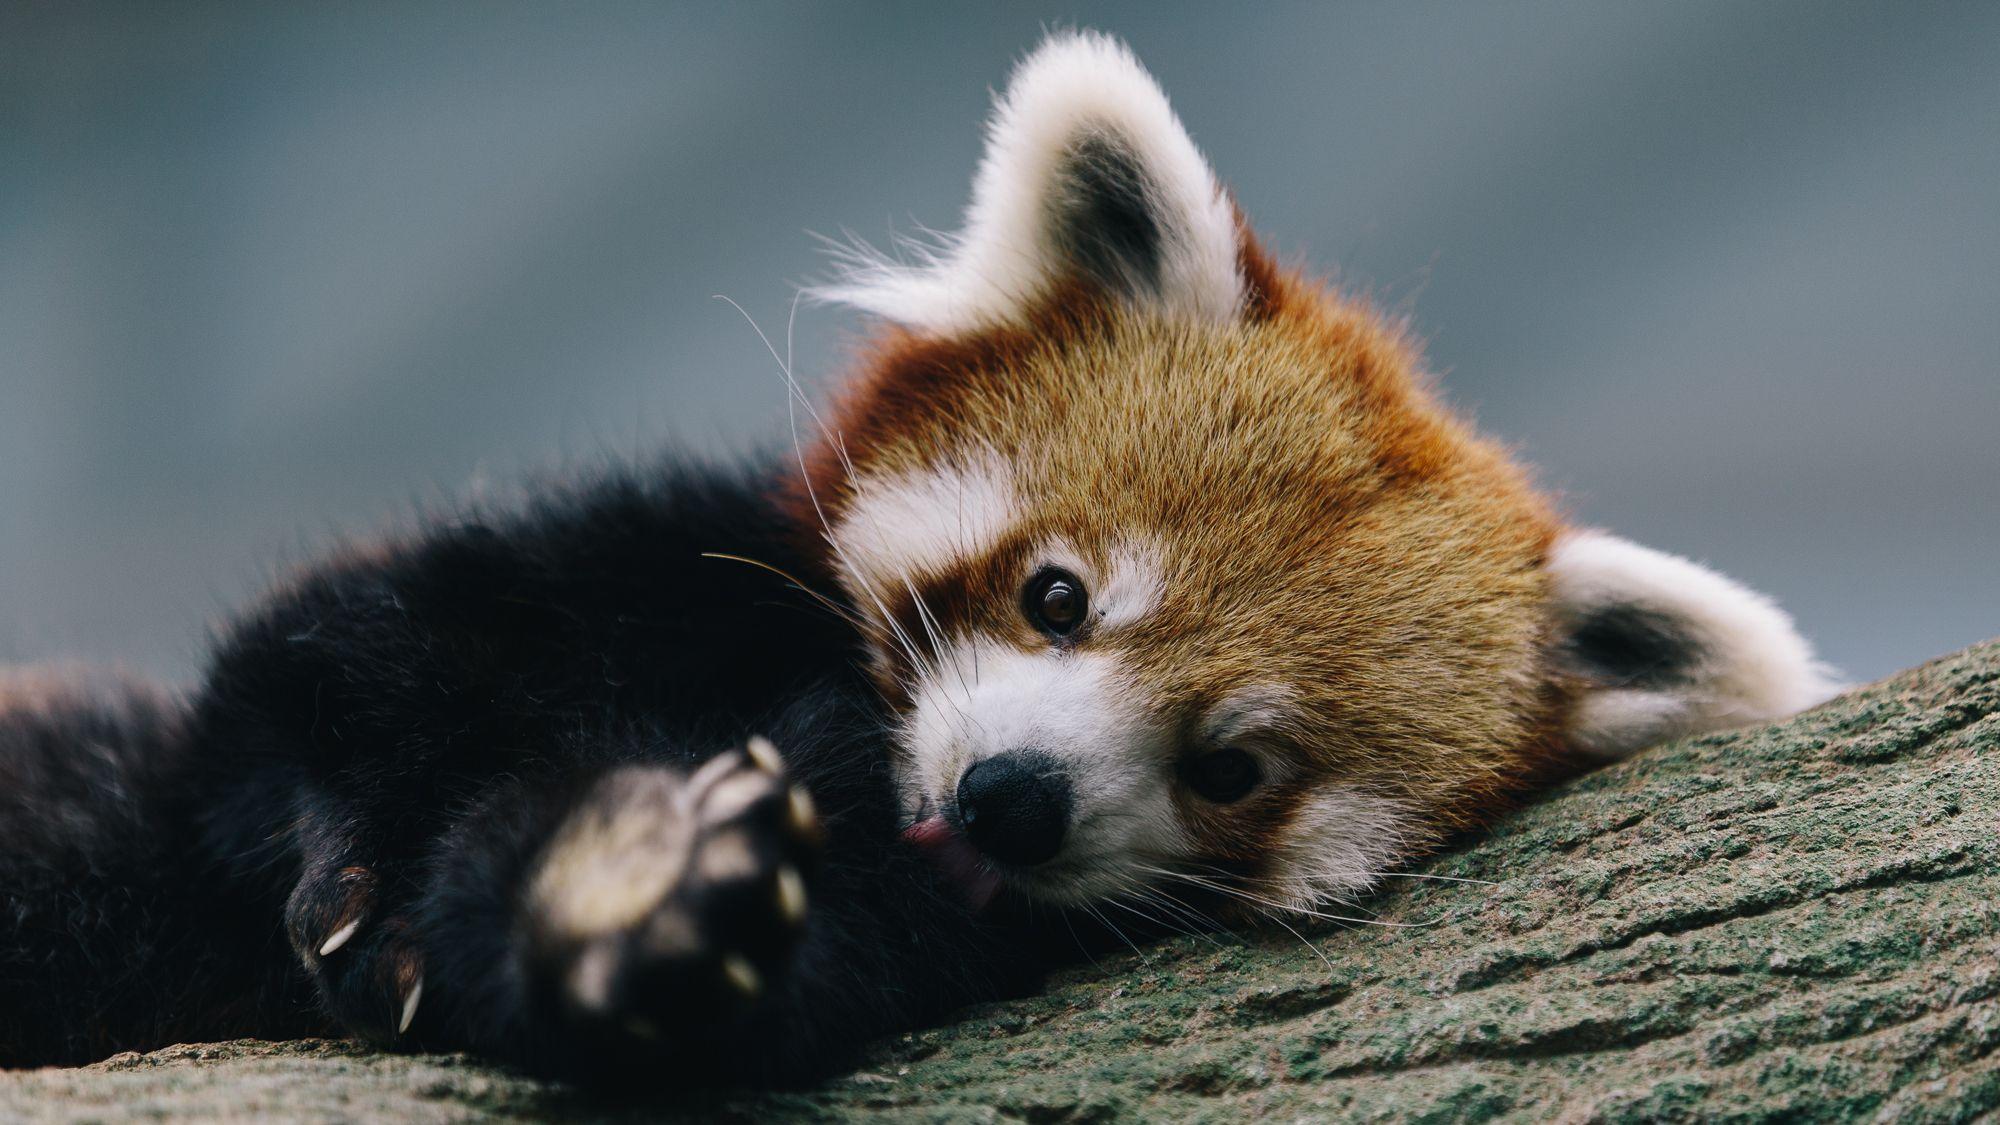 Connu Animaux - Panda Roux Panda Mignon Fond d'écran | Panda Roux  OR64